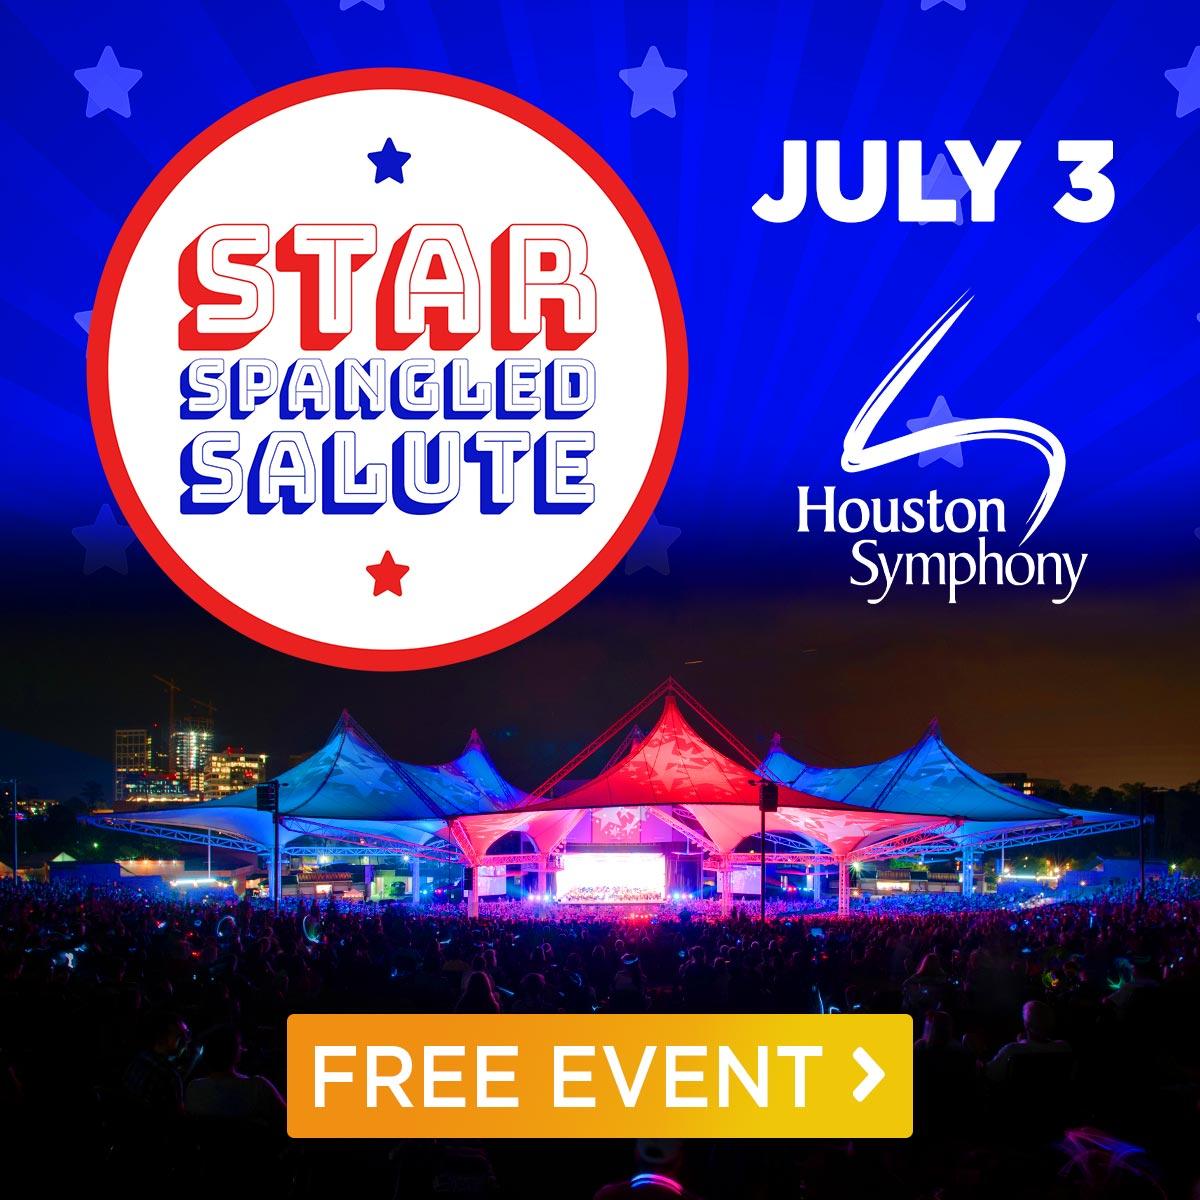 Houston Symphony: Star-Spangled Salute - July 3